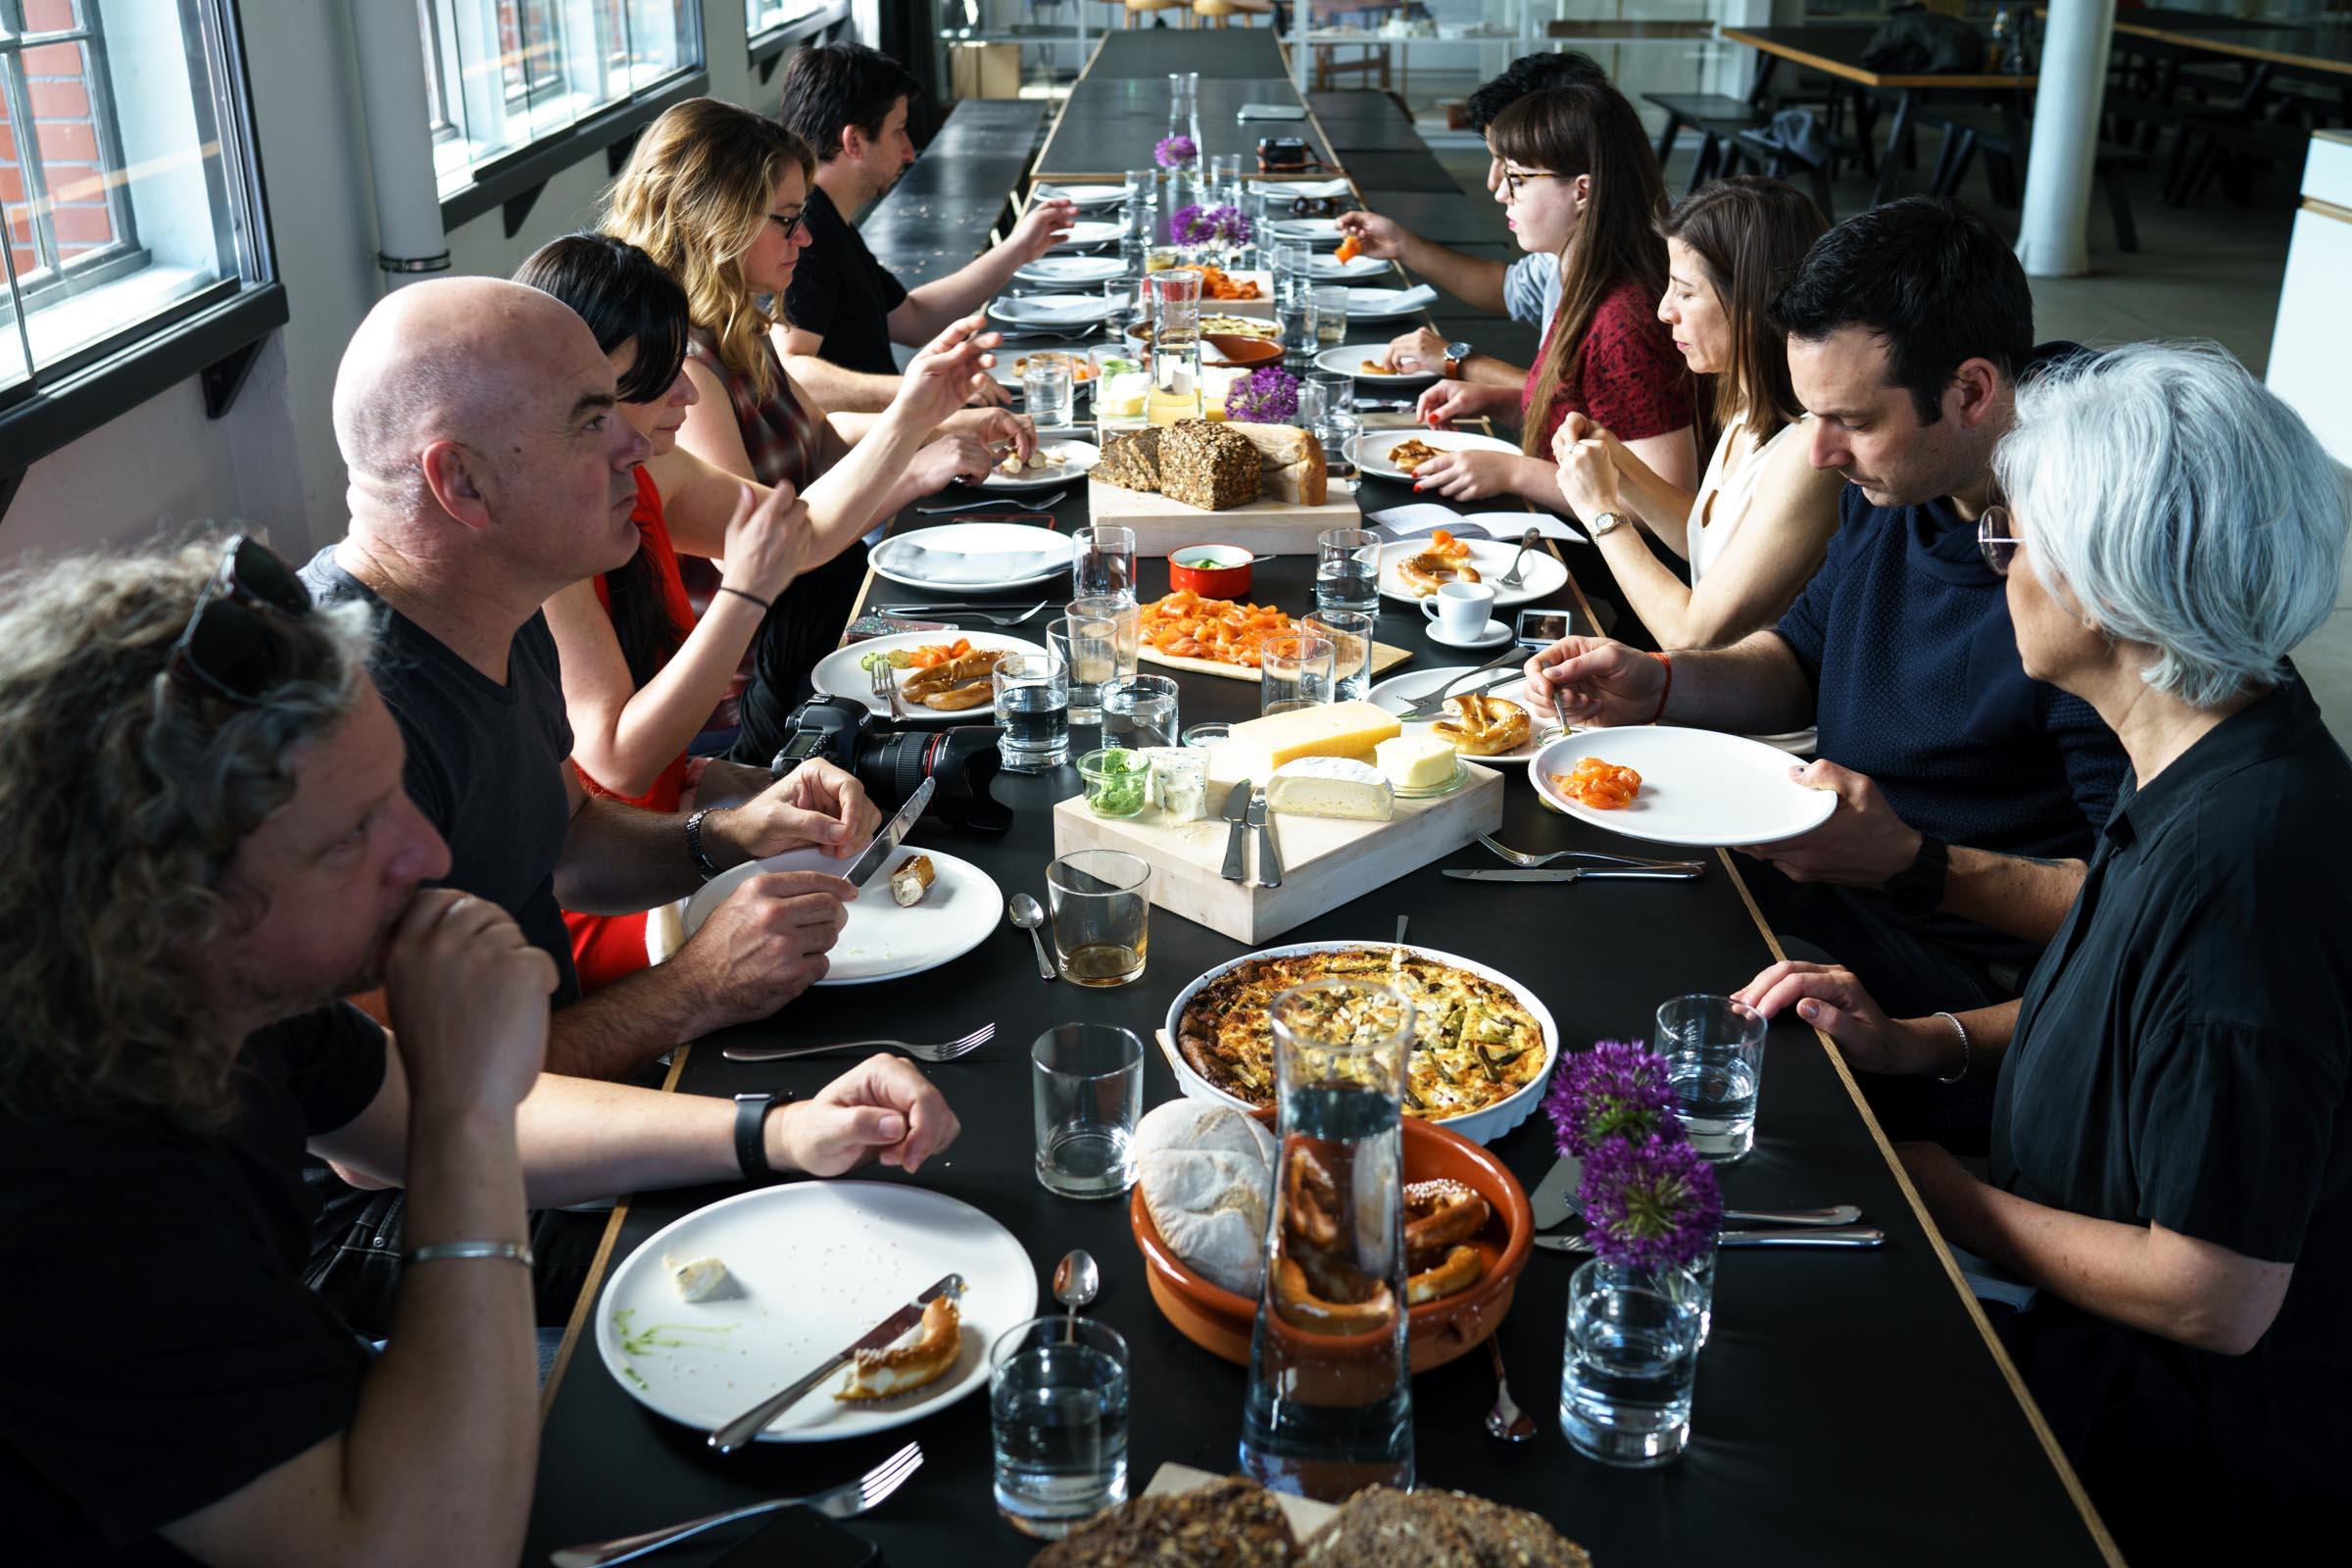 Śniadanie dziennikarzy i szefów kuchni w studio Olafura Eliassona (fot. Sonni Holmstedt)